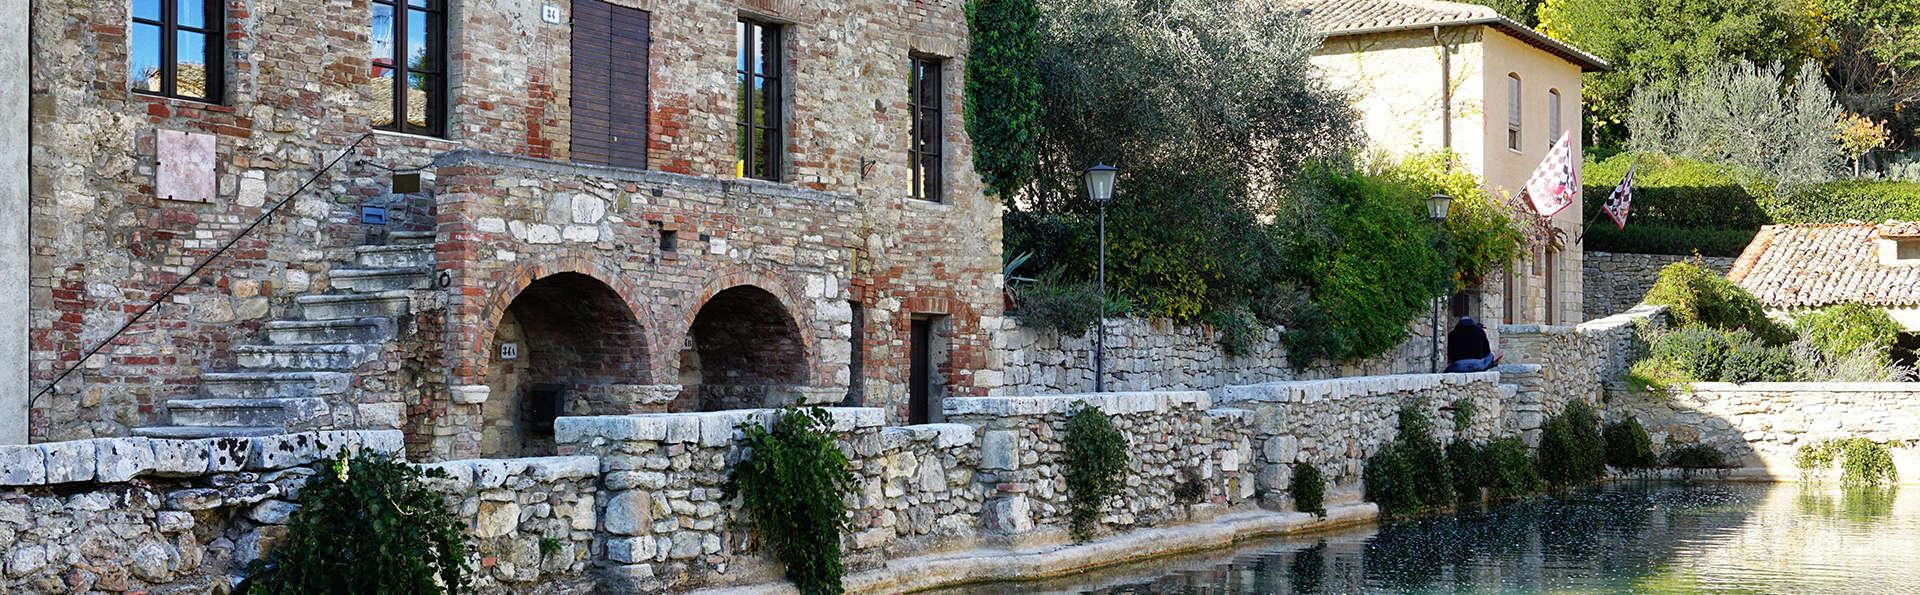 Verken de Toscaanse omgeving met wijndegustatie